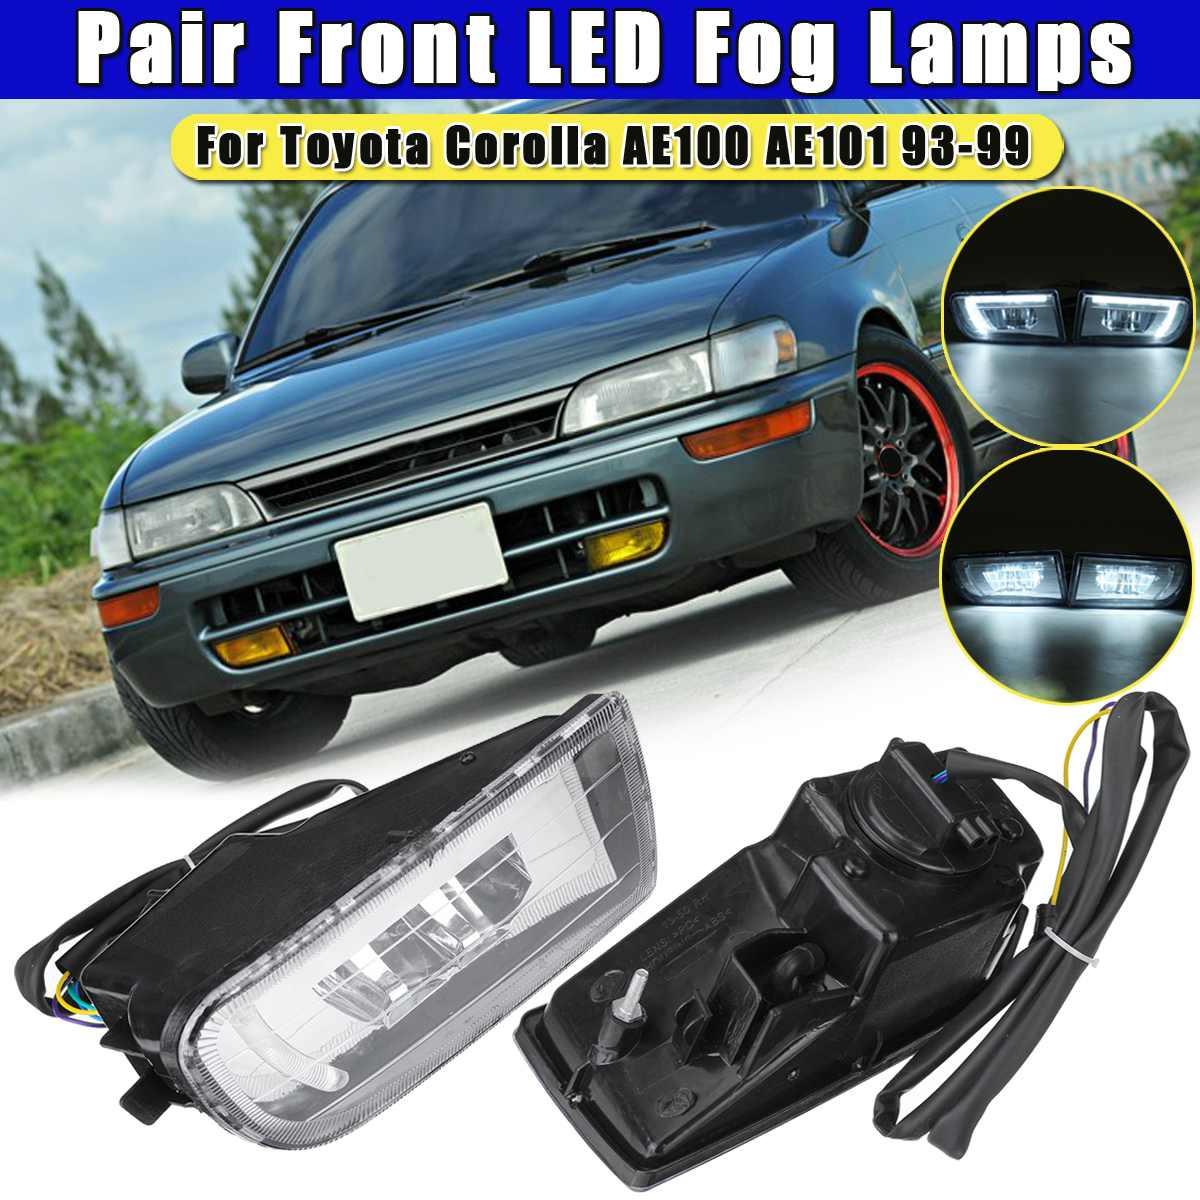 Pair Super Bright Fog Light For Toyota Corolla AE100 AE101 1993 1994 1995 1996 1997 1998 1999 Led Fog Lights Fog Lamp Assembly